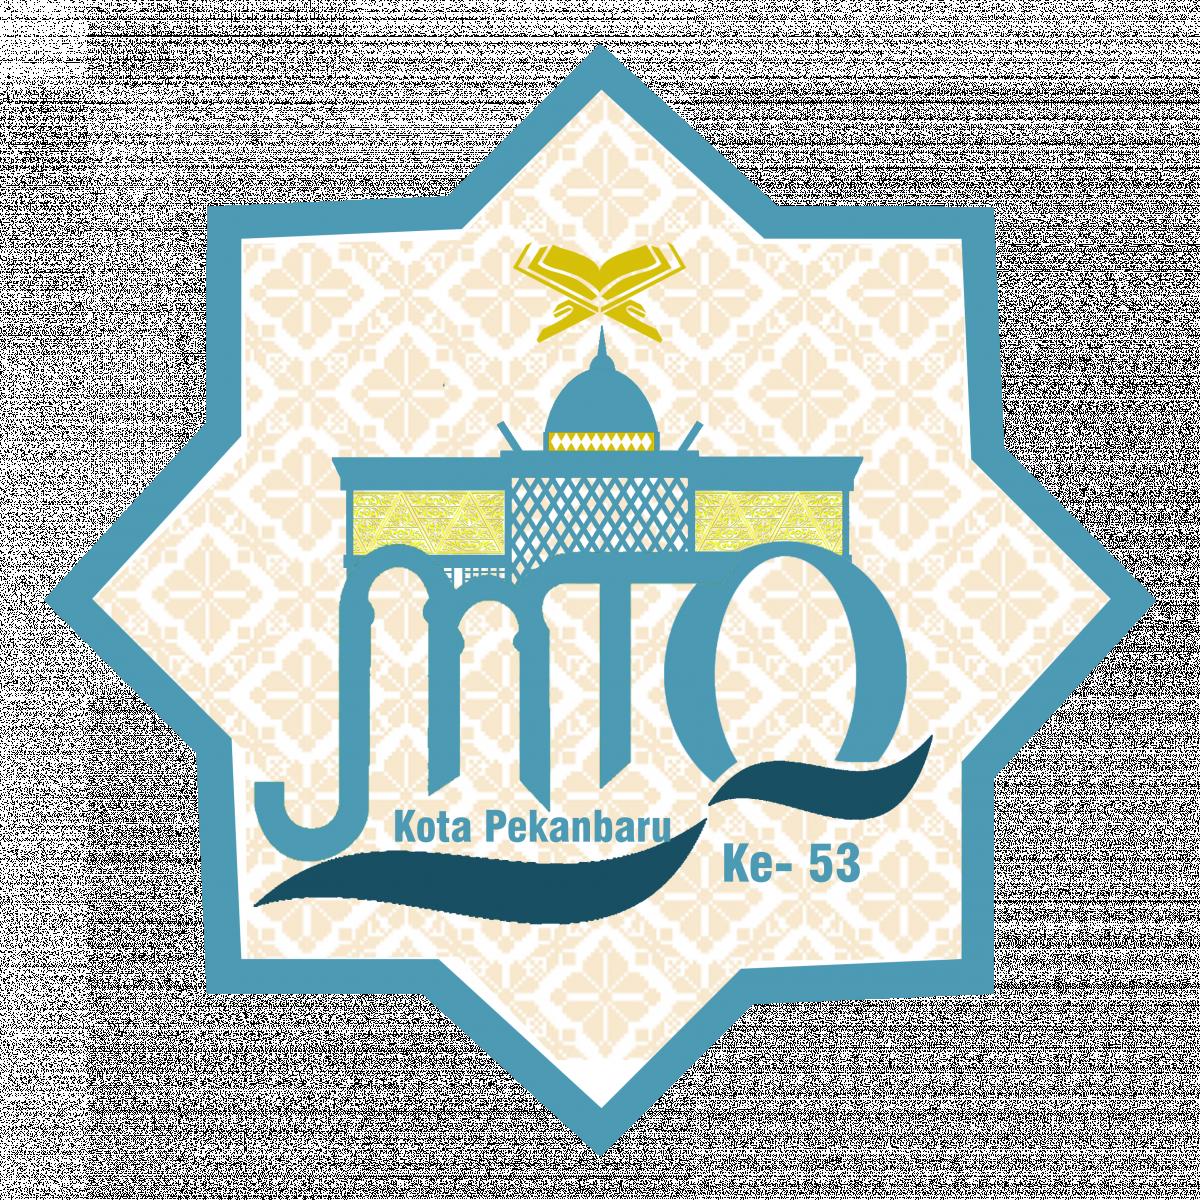 Logo dan Tema MTQ Kota Pekanbaru ke 53 Tahun 2021 ...